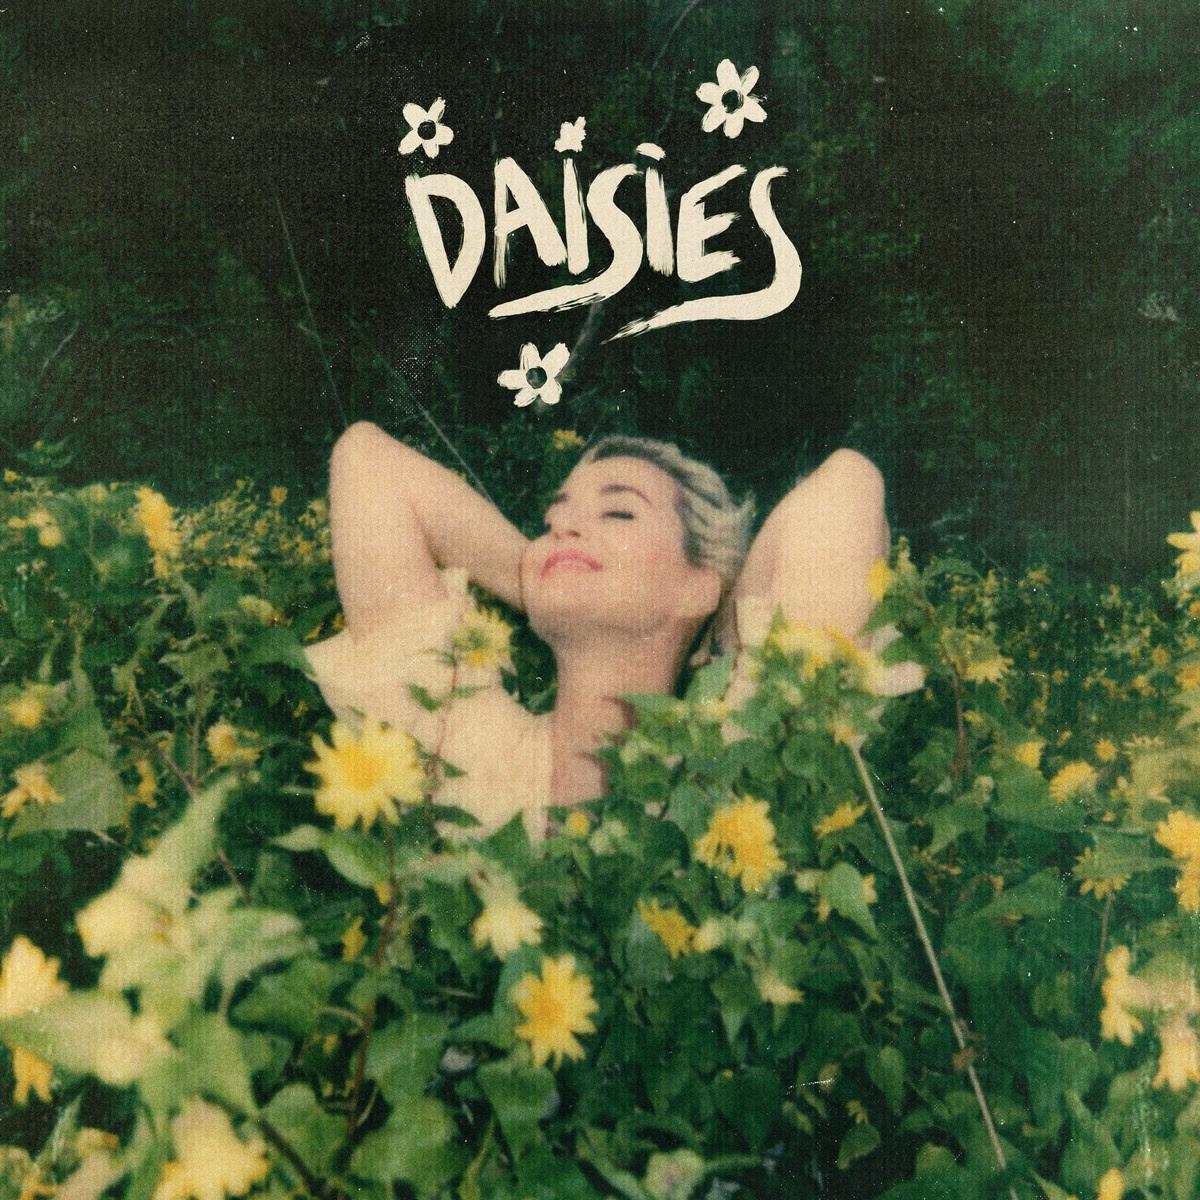 Dasies -